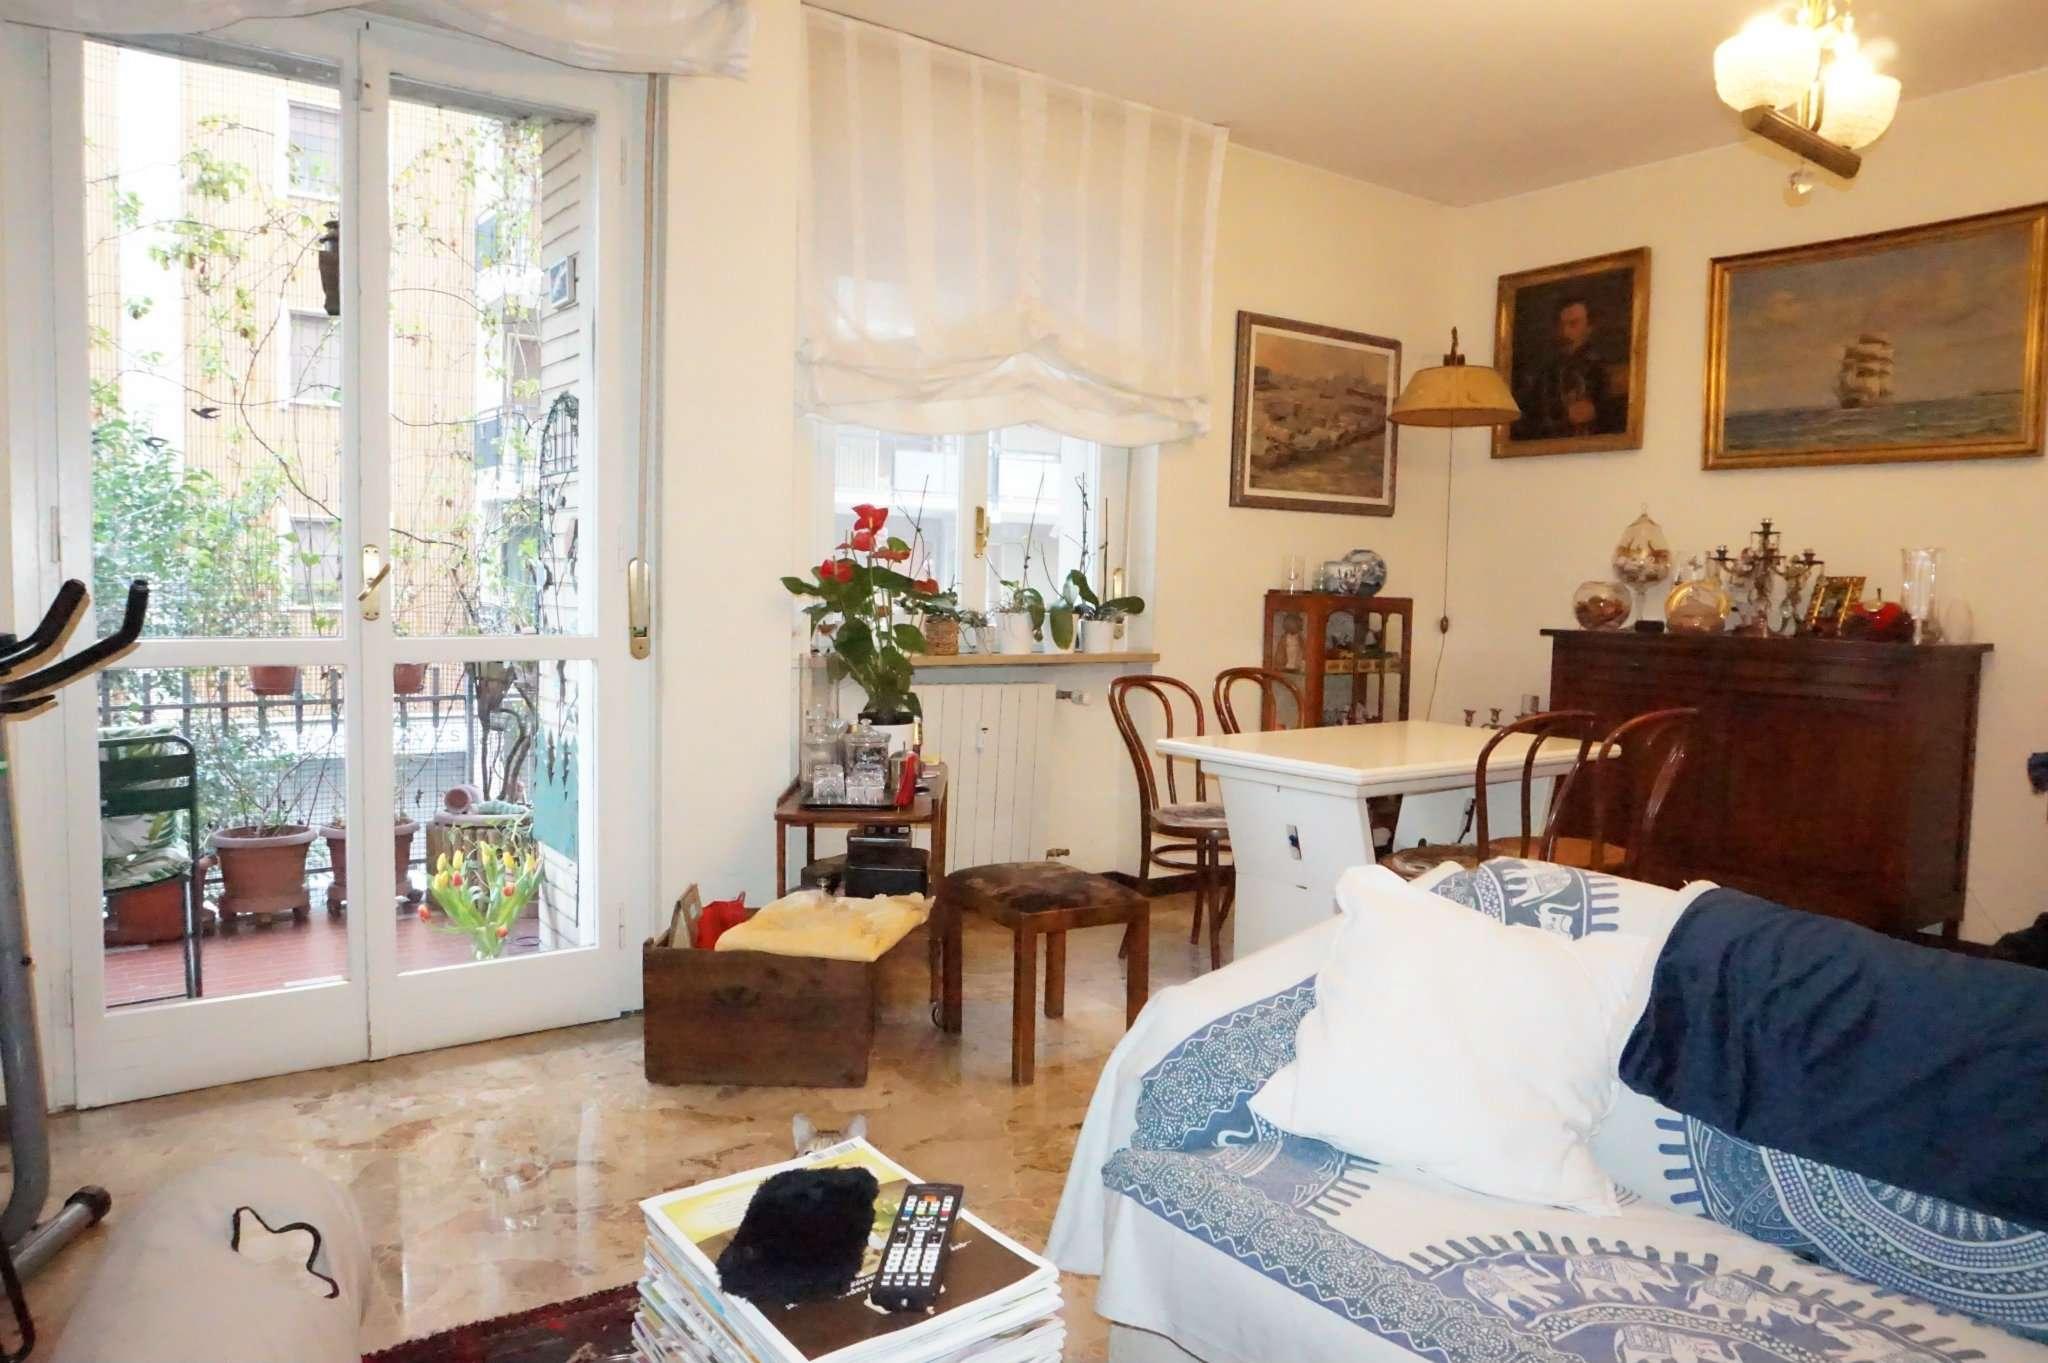 Appartamento in vendita a Melegnano, 4 locali, prezzo € 190.000 | CambioCasa.it